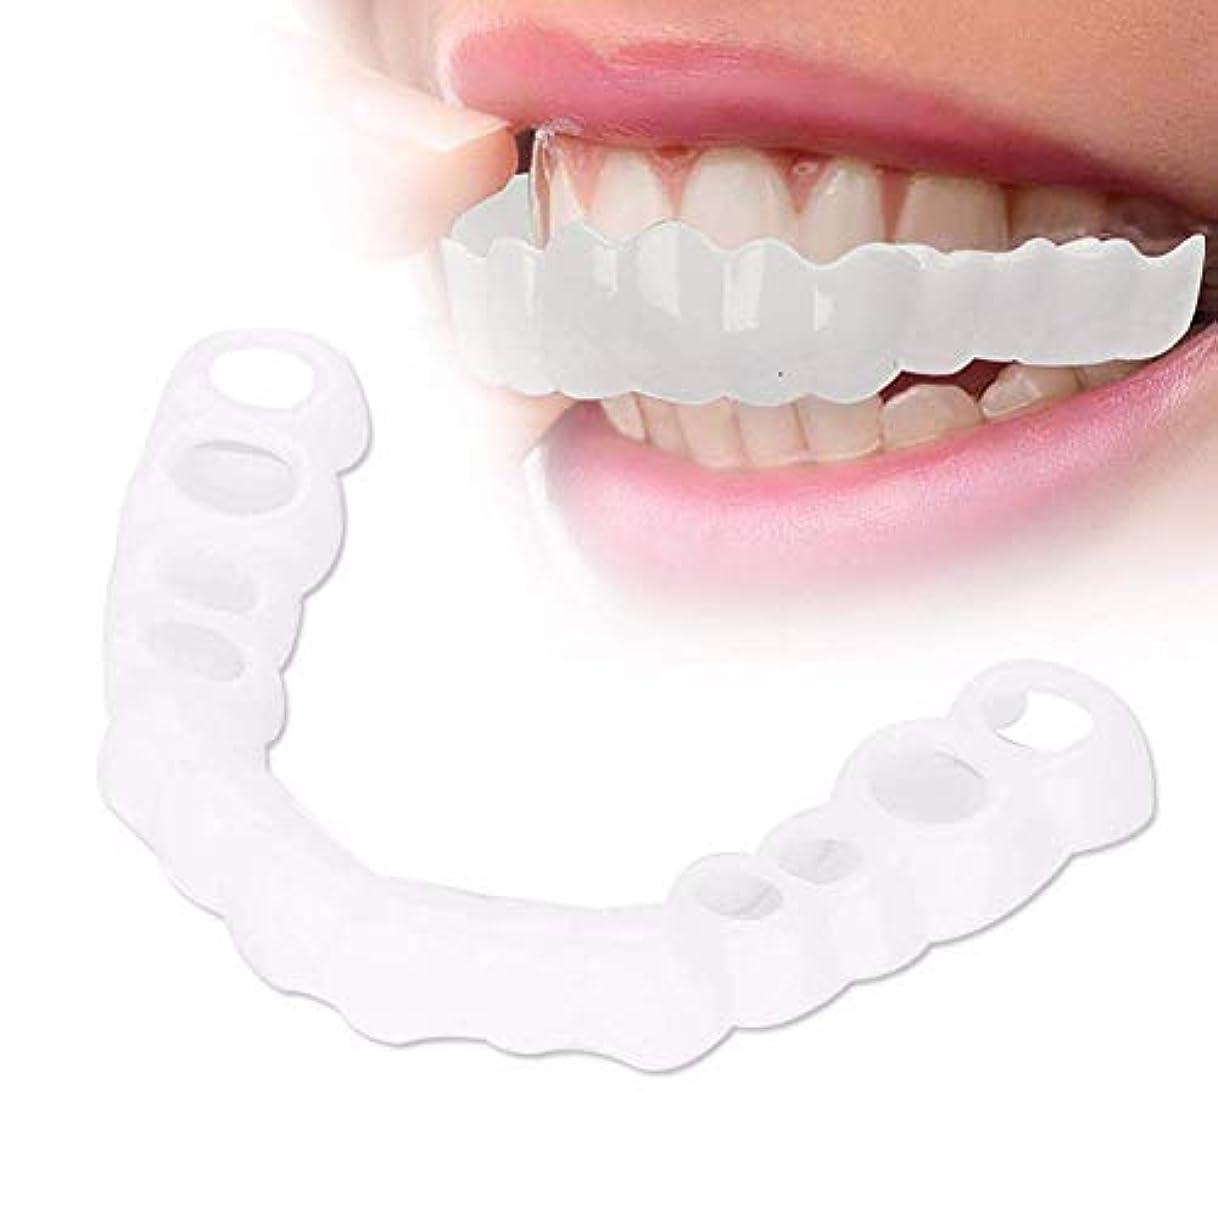 鹿電話おじさんパーフェクトスマイル入れ歯の10セット、シリコーンシミュレーション、上の歯、ホワイトニング入れ歯